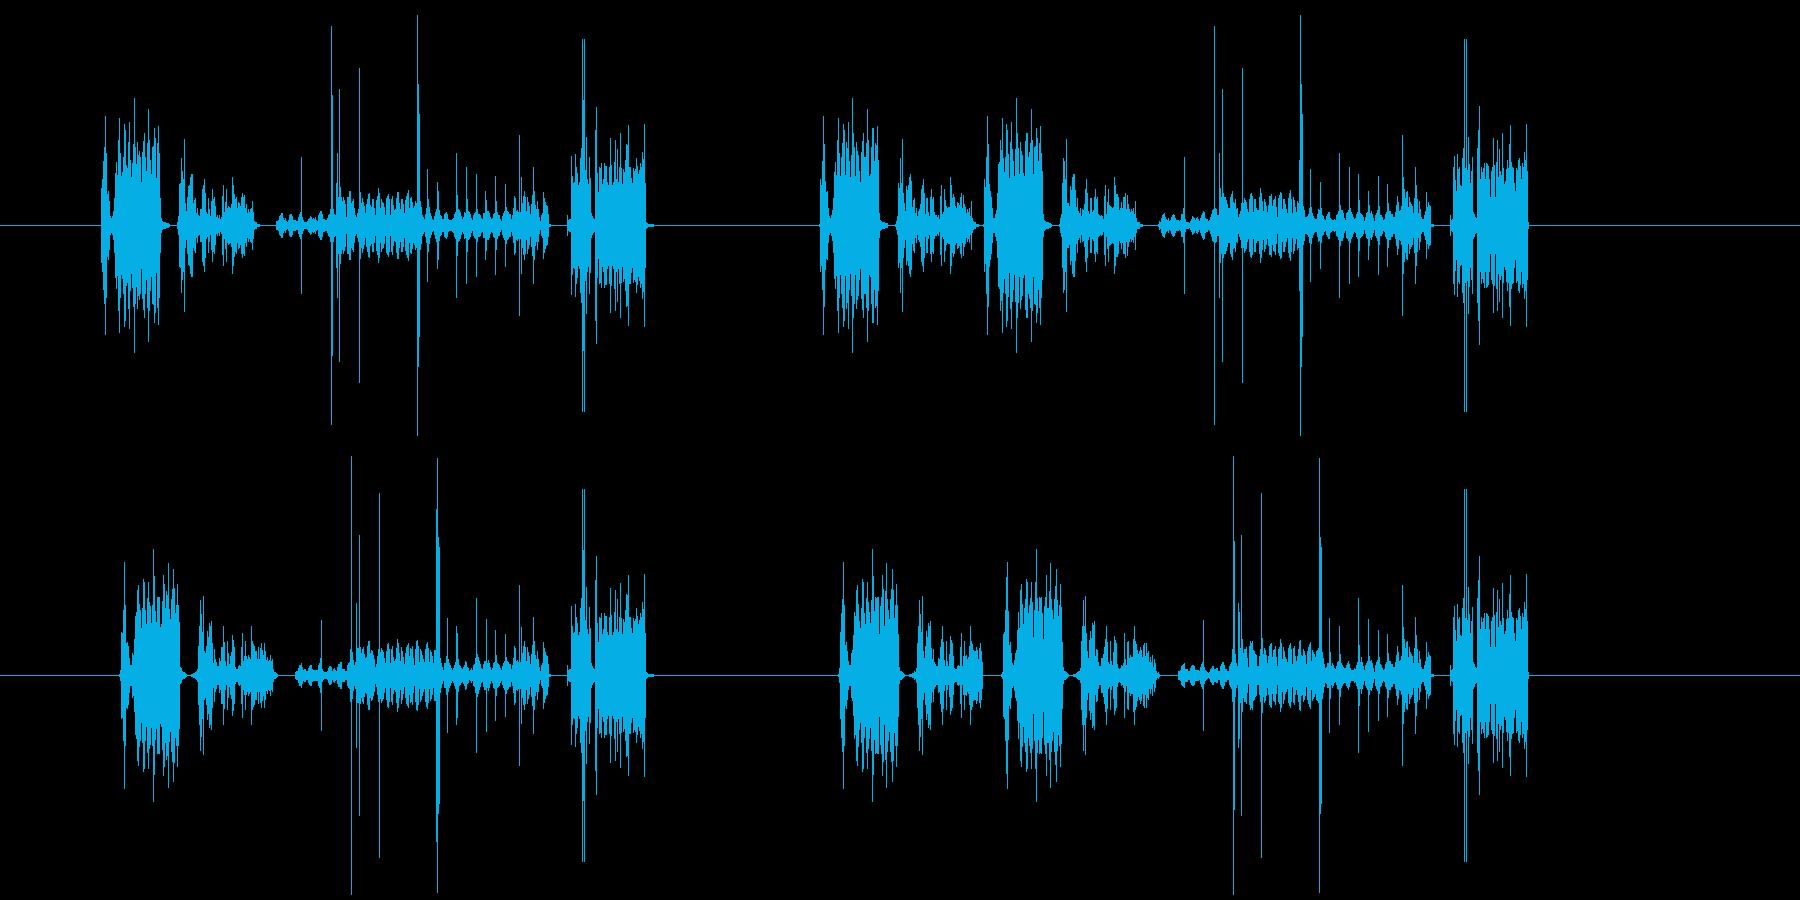 237_ノイズ音の再生済みの波形